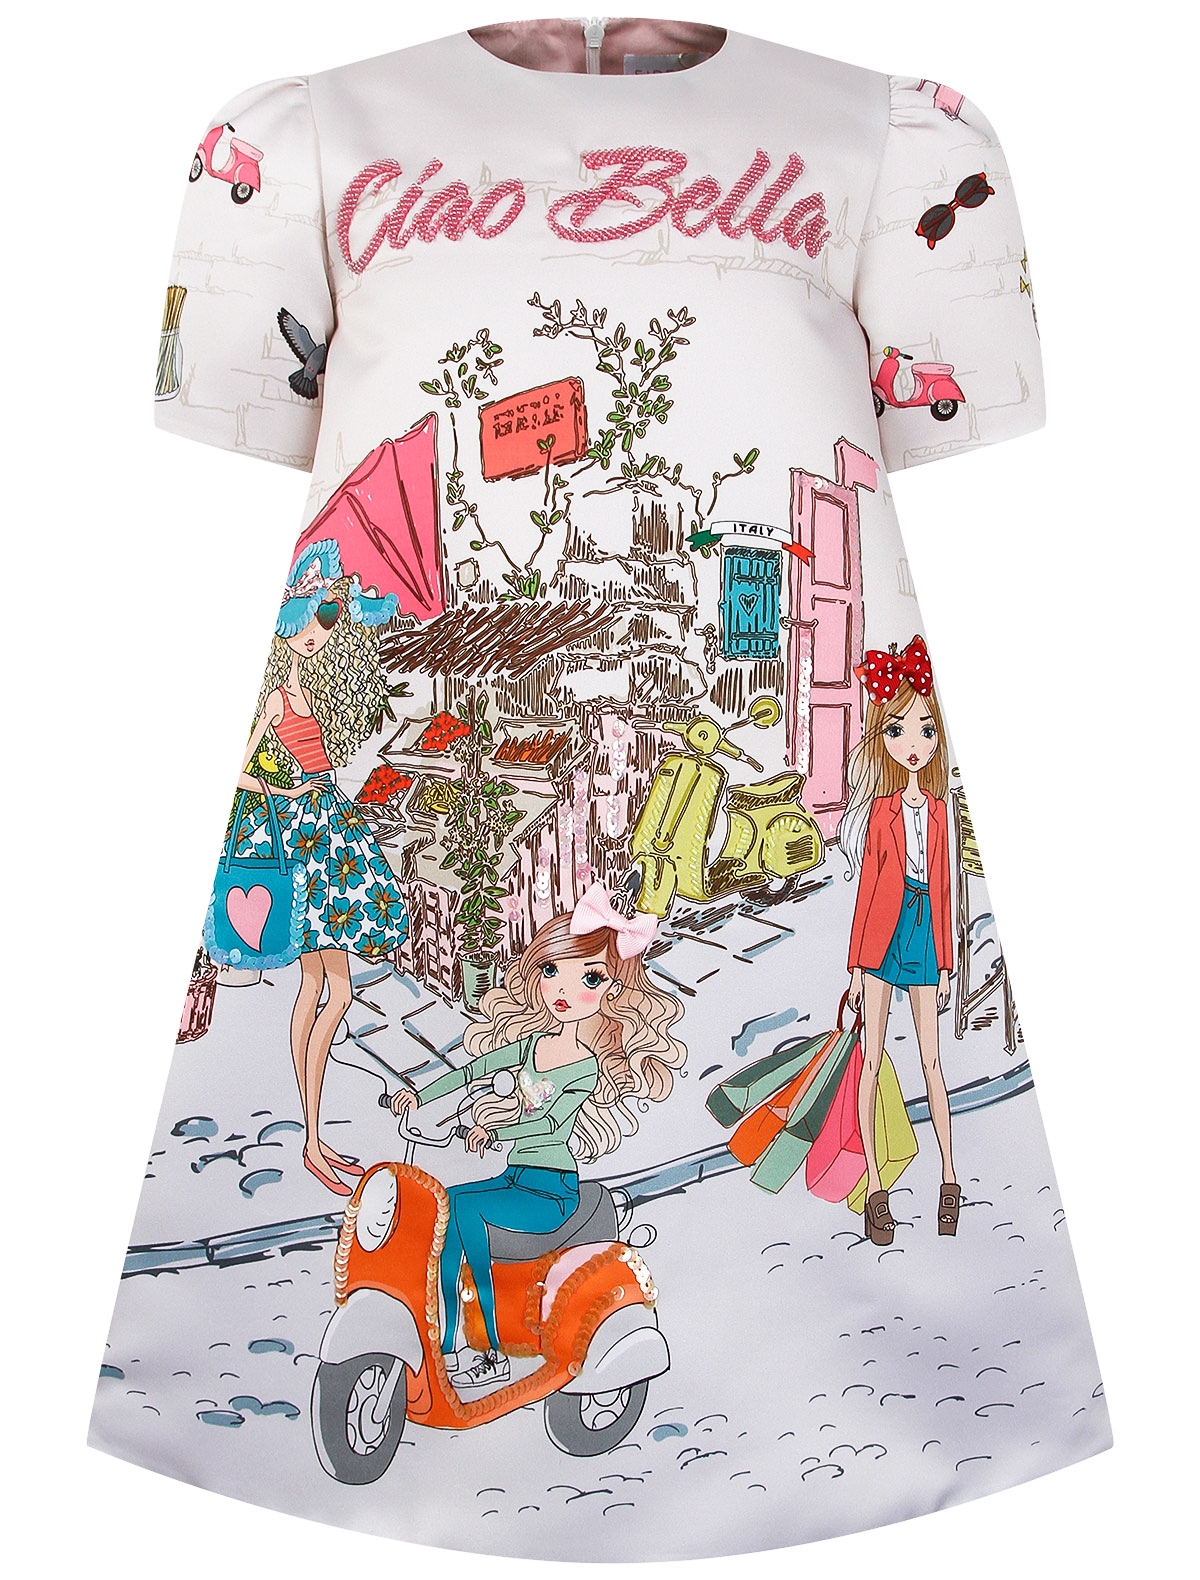 Купить 2291058, Платье EIRENE, разноцветный, Женский, 1054509179223